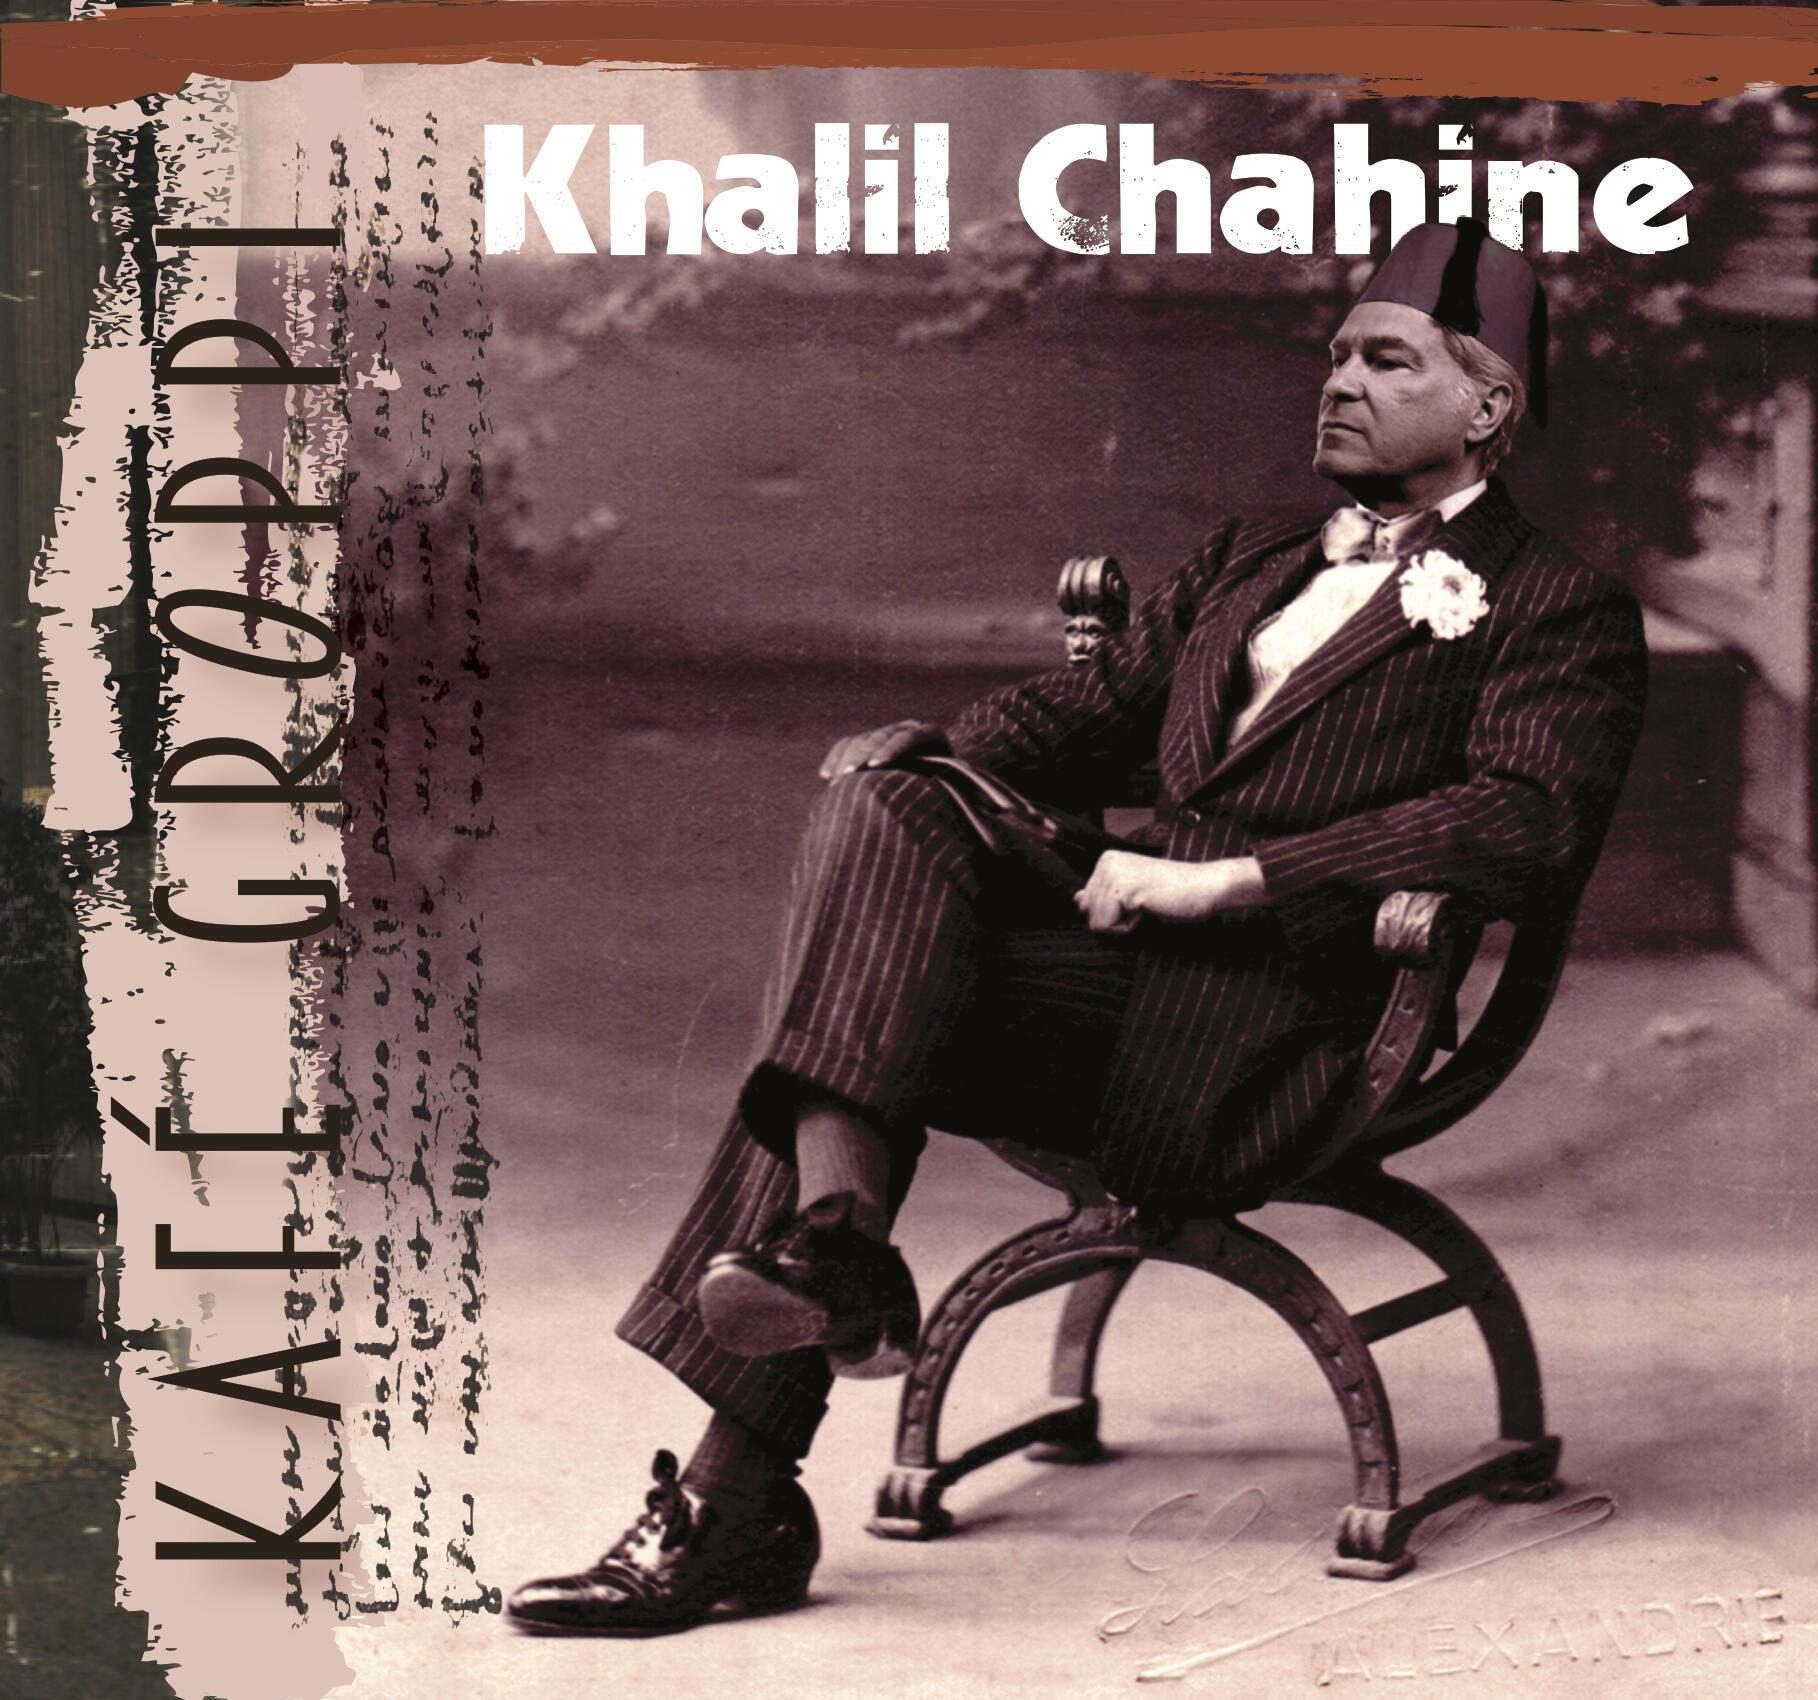 Khalil Chahine in Kafé Groppi mode on new album